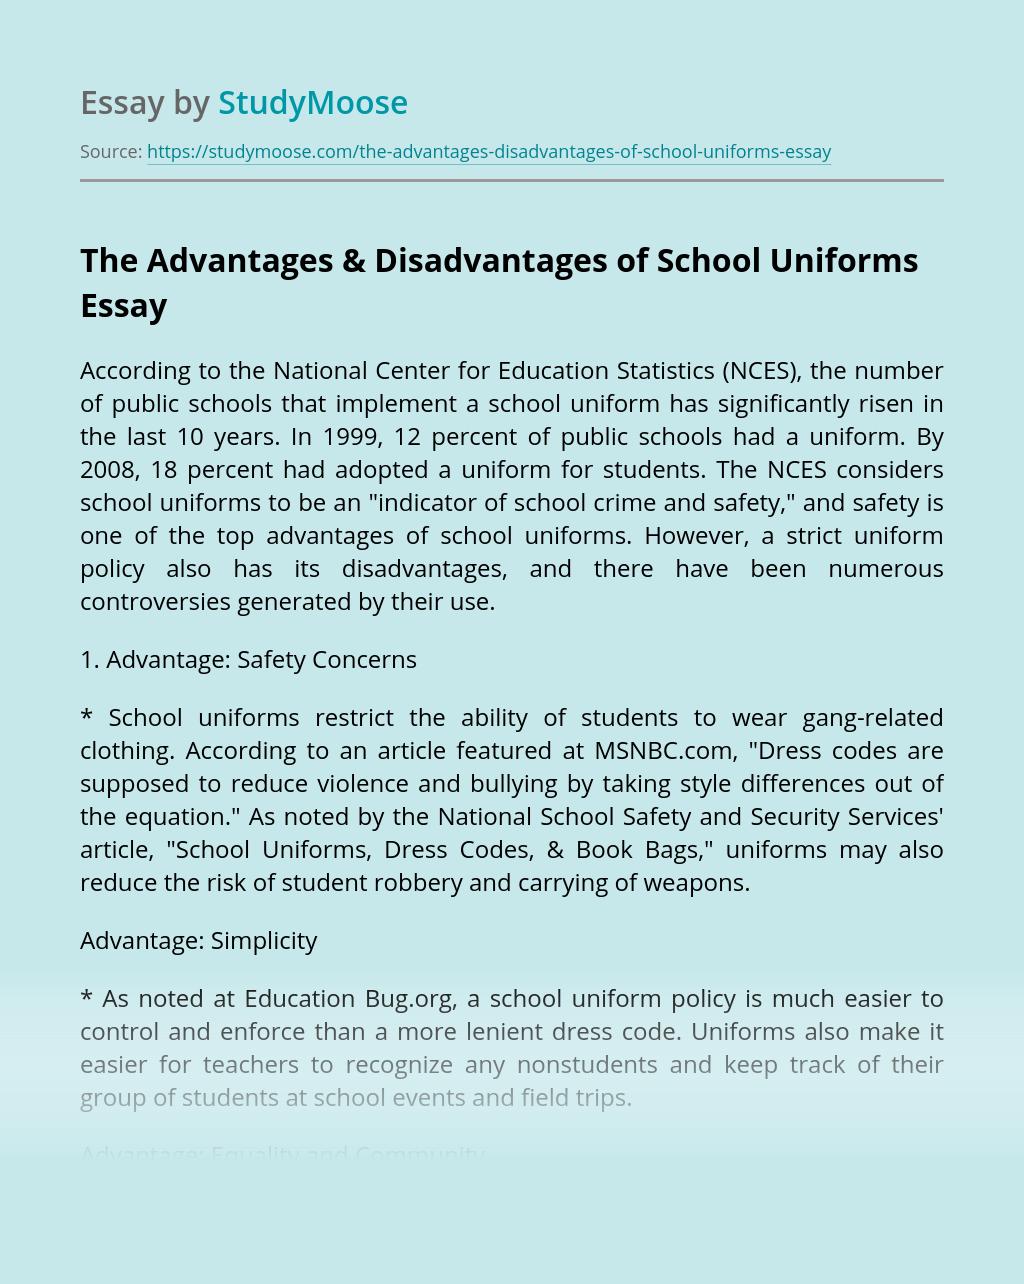 The Advantages & Disadvantages of School Uniforms